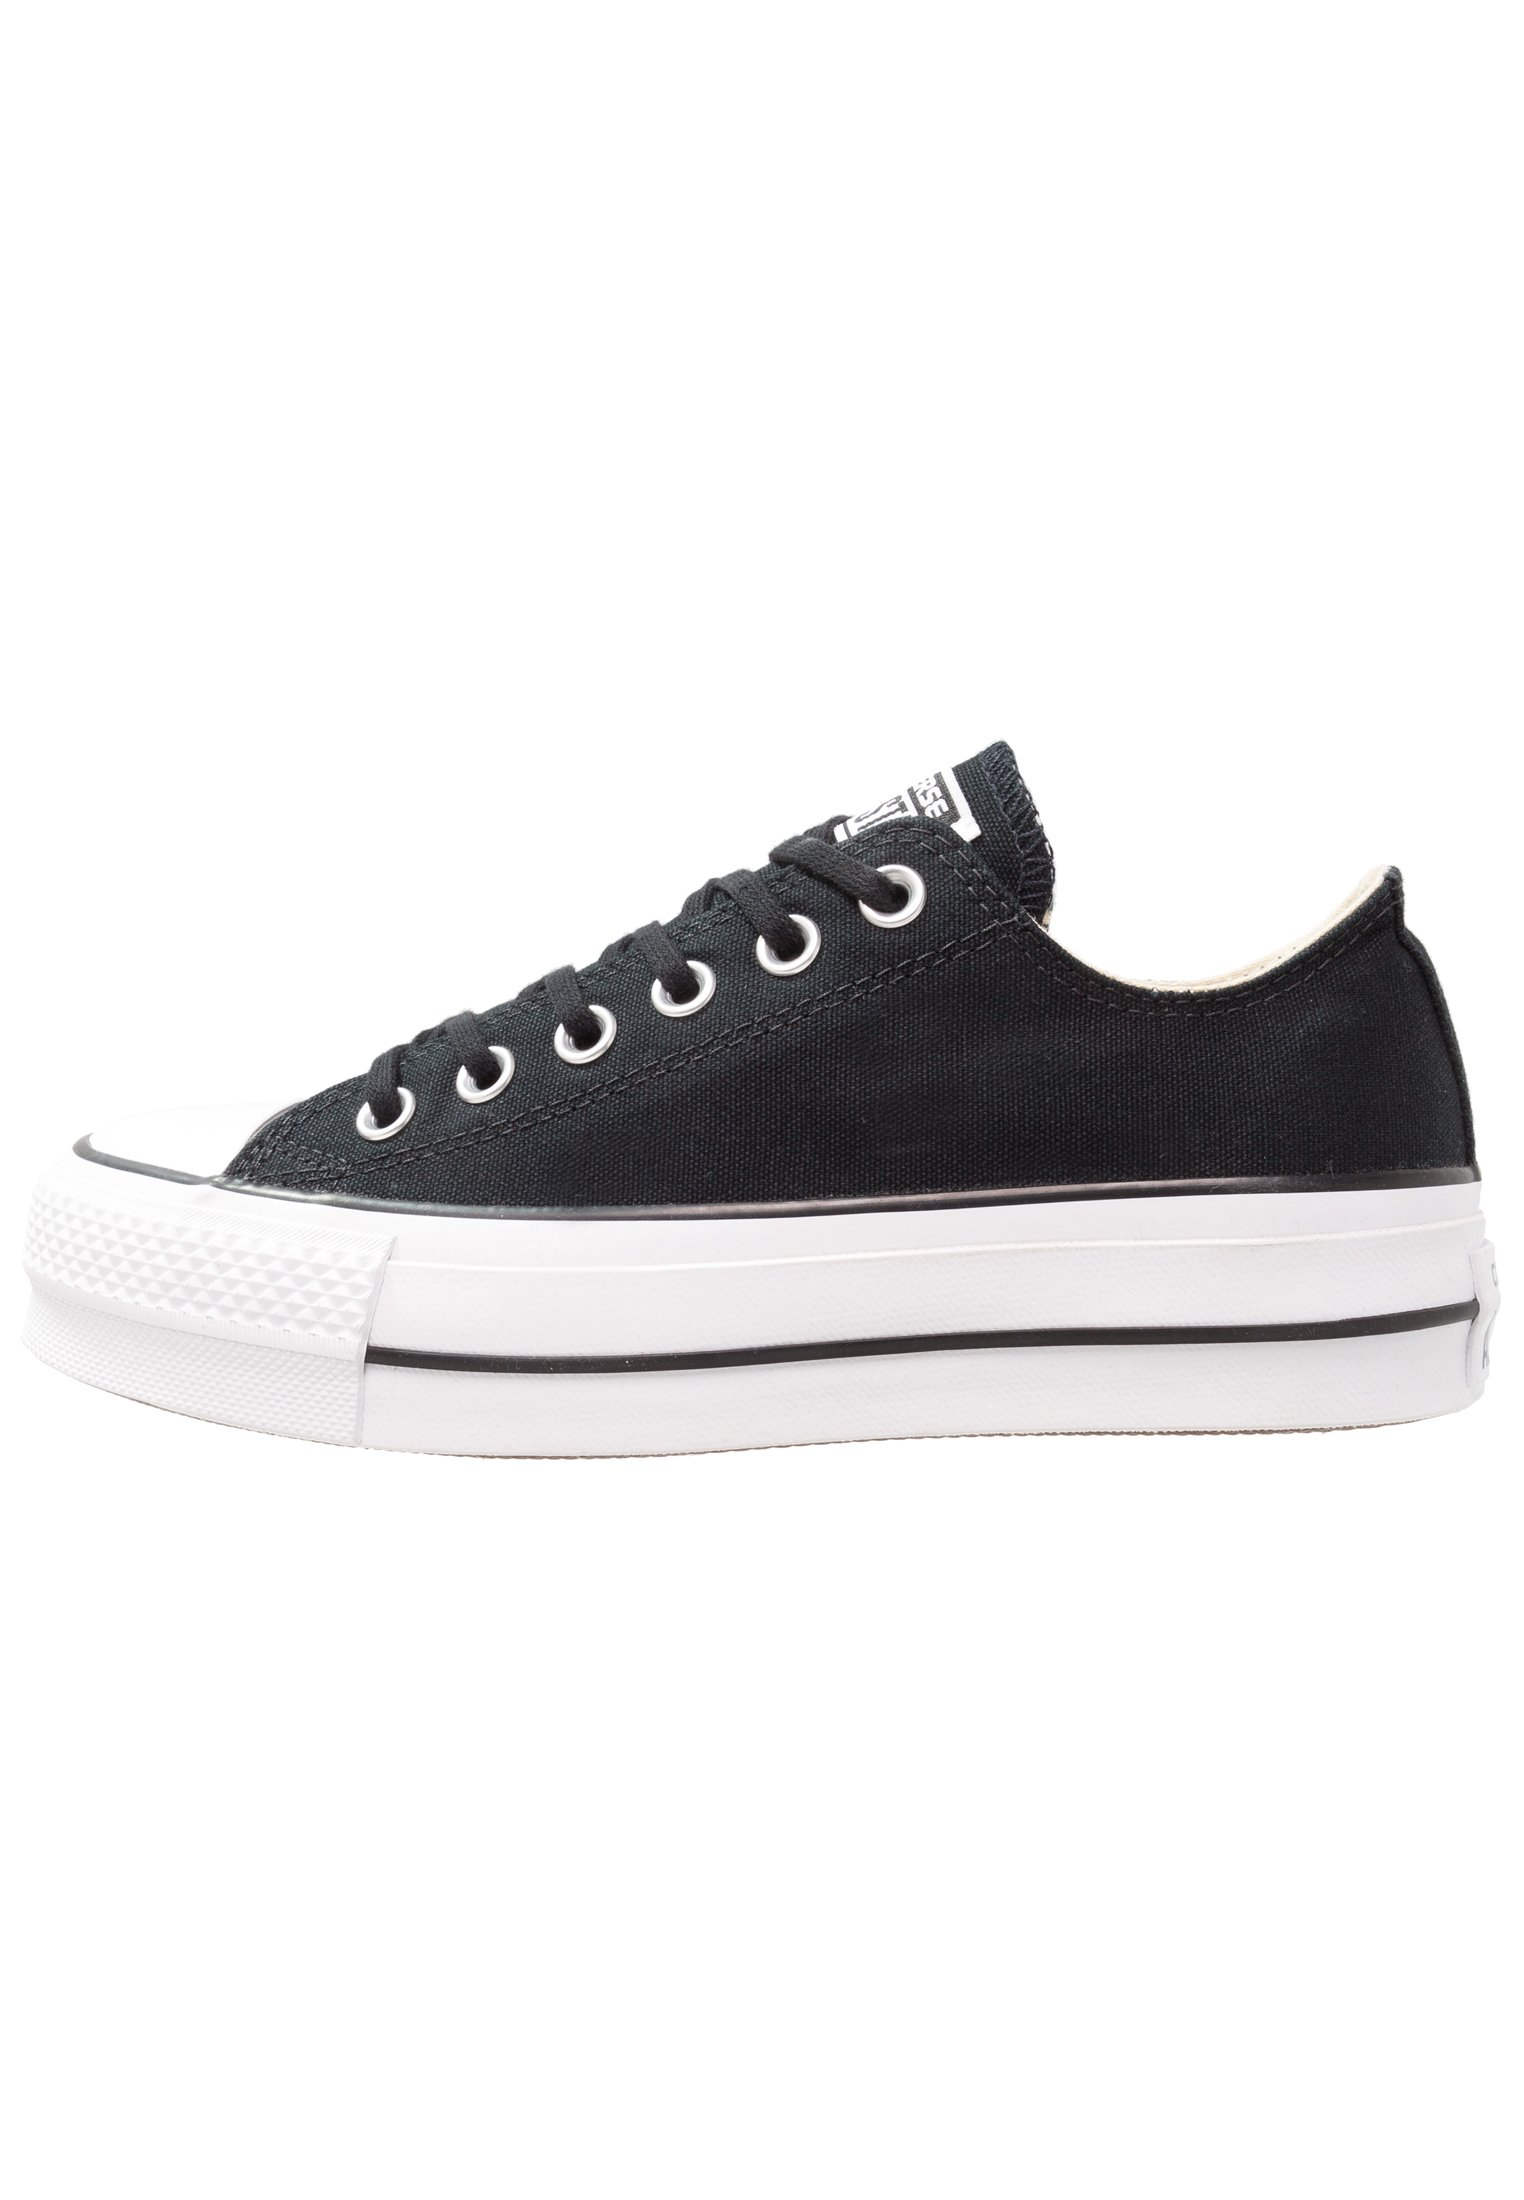 chaussure converse femme 43 noire